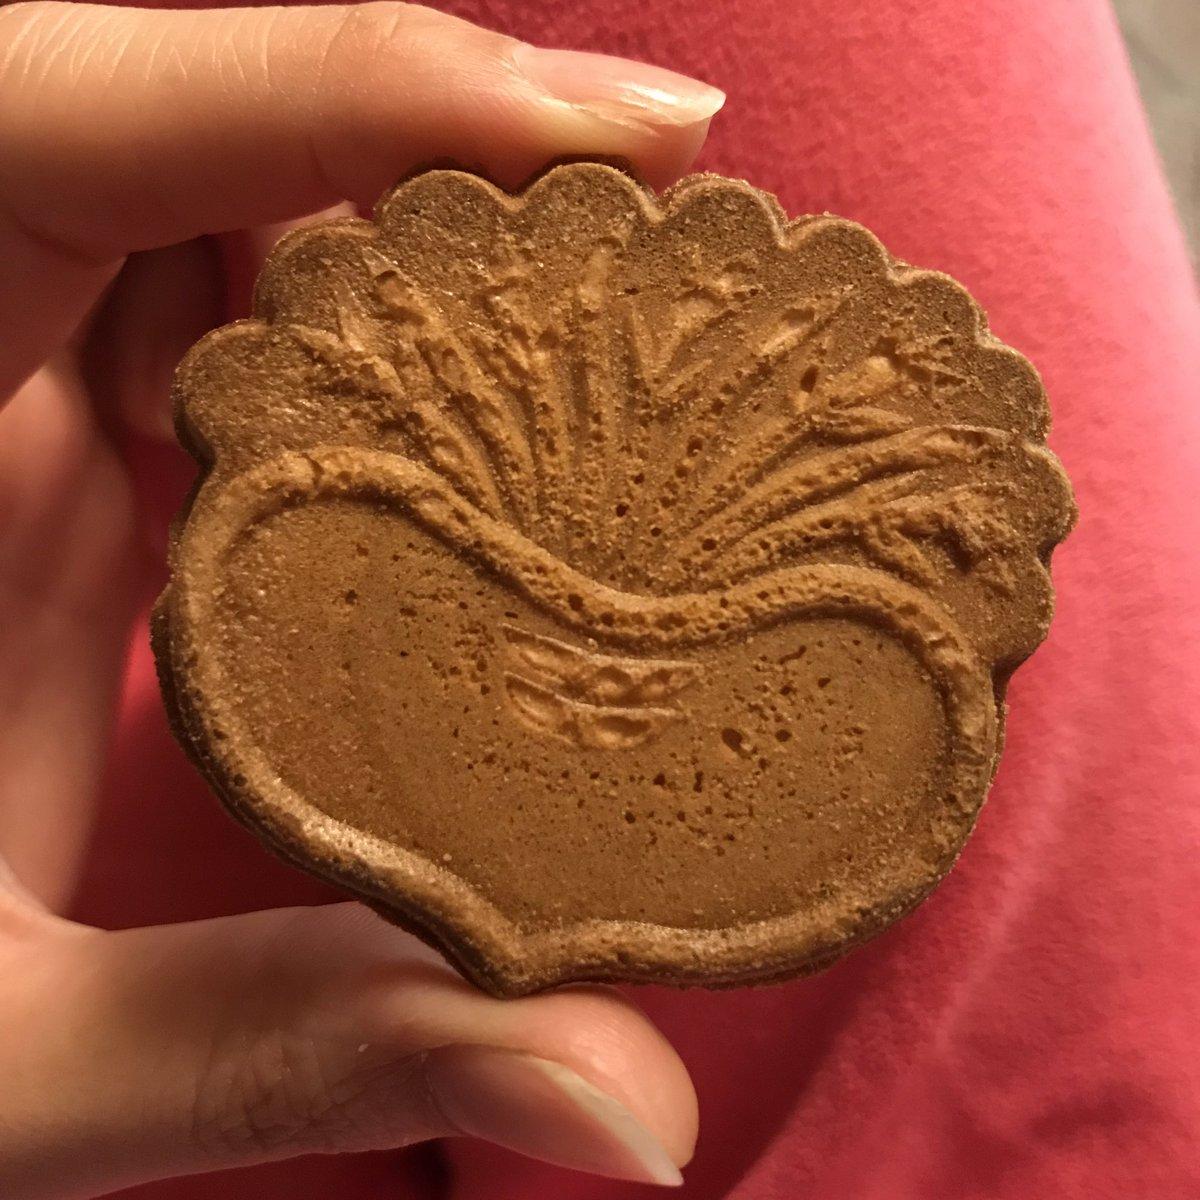 test ツイッターメディア - 地元の名産おいしいのよー❤安永餅も美味しいけどかぶらせんべいも是が非食べてもらいたいヾノ。ÒㅅÓ)ノシ https://t.co/UhMVIUBMqq